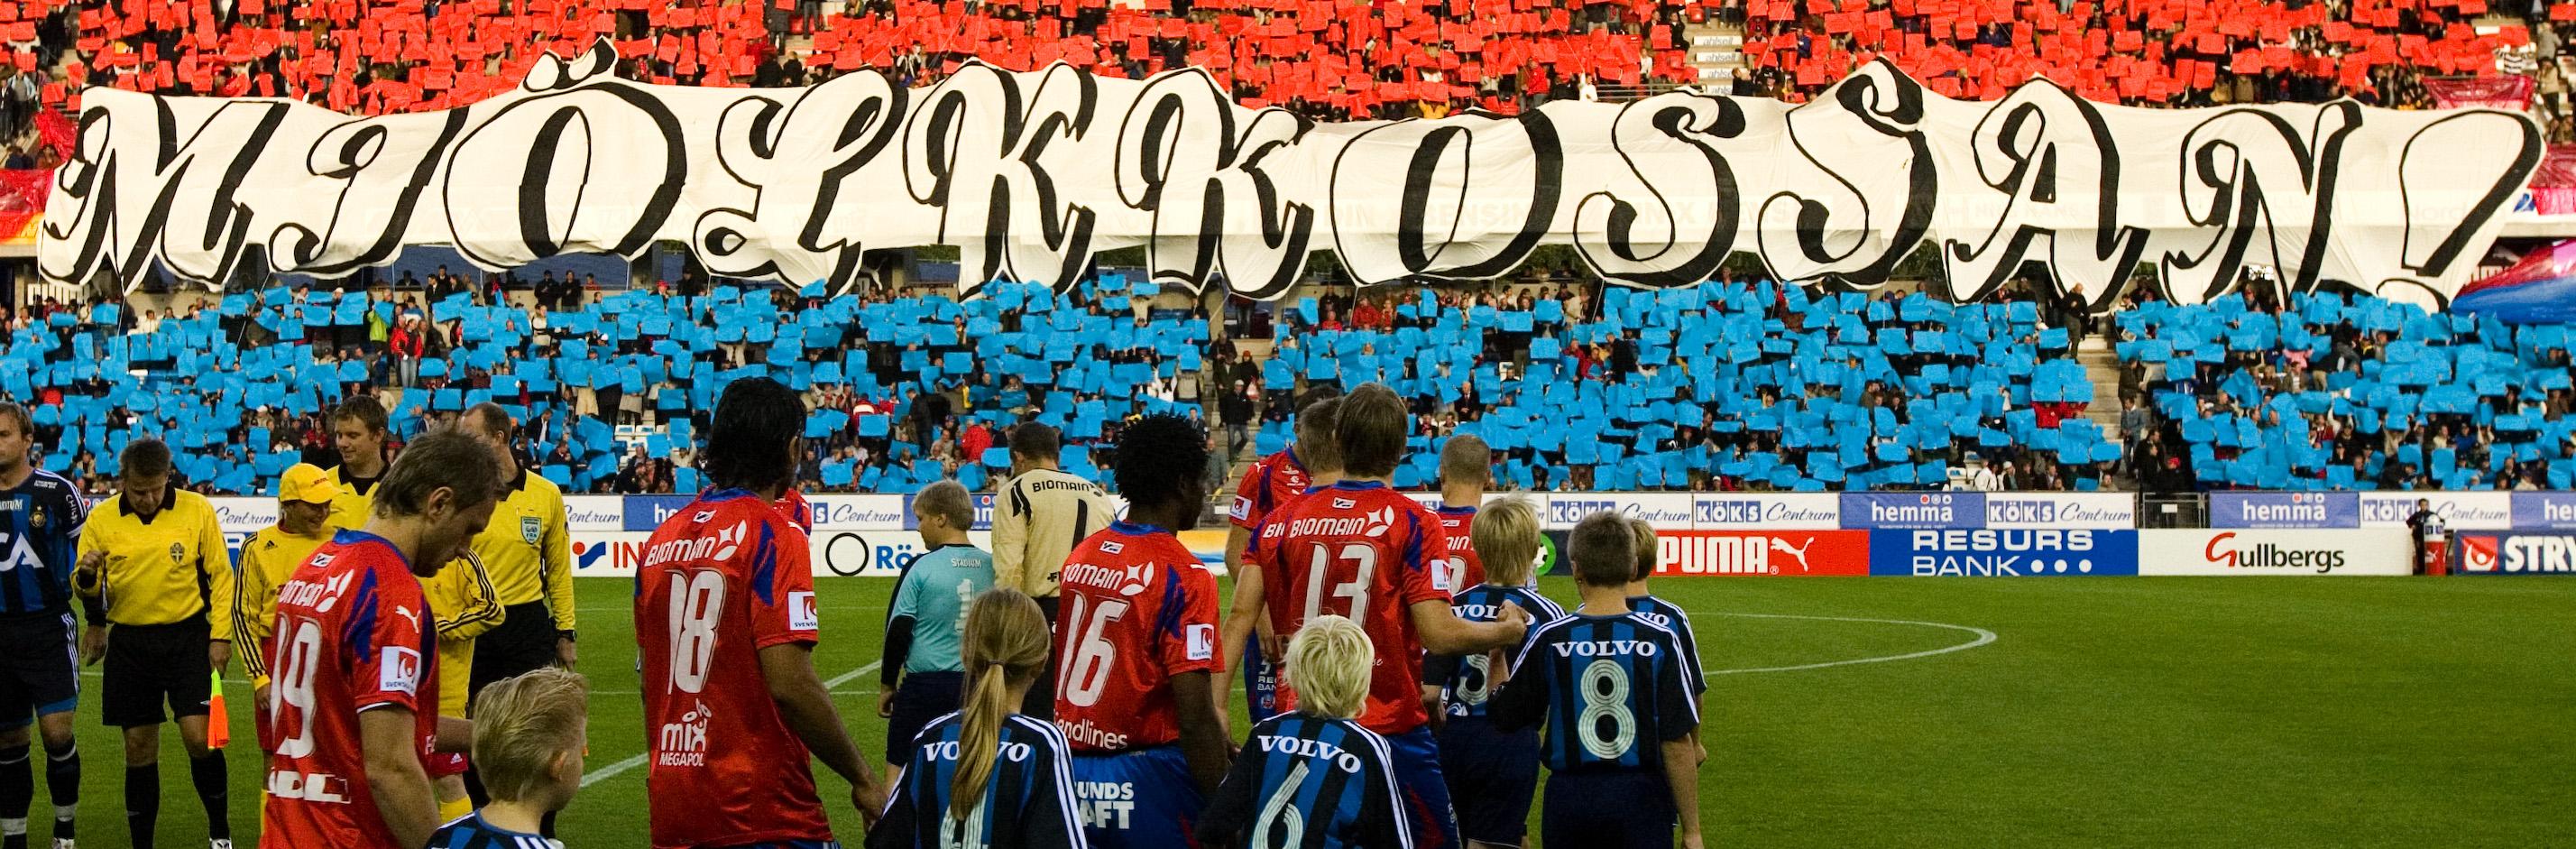 070903 Fotboll, allsvenskan, Helsingborg - DjurgŒrden: Banderoll Mjšlkkossan. LŠktare, publik. © BildbyrŒn - 62695